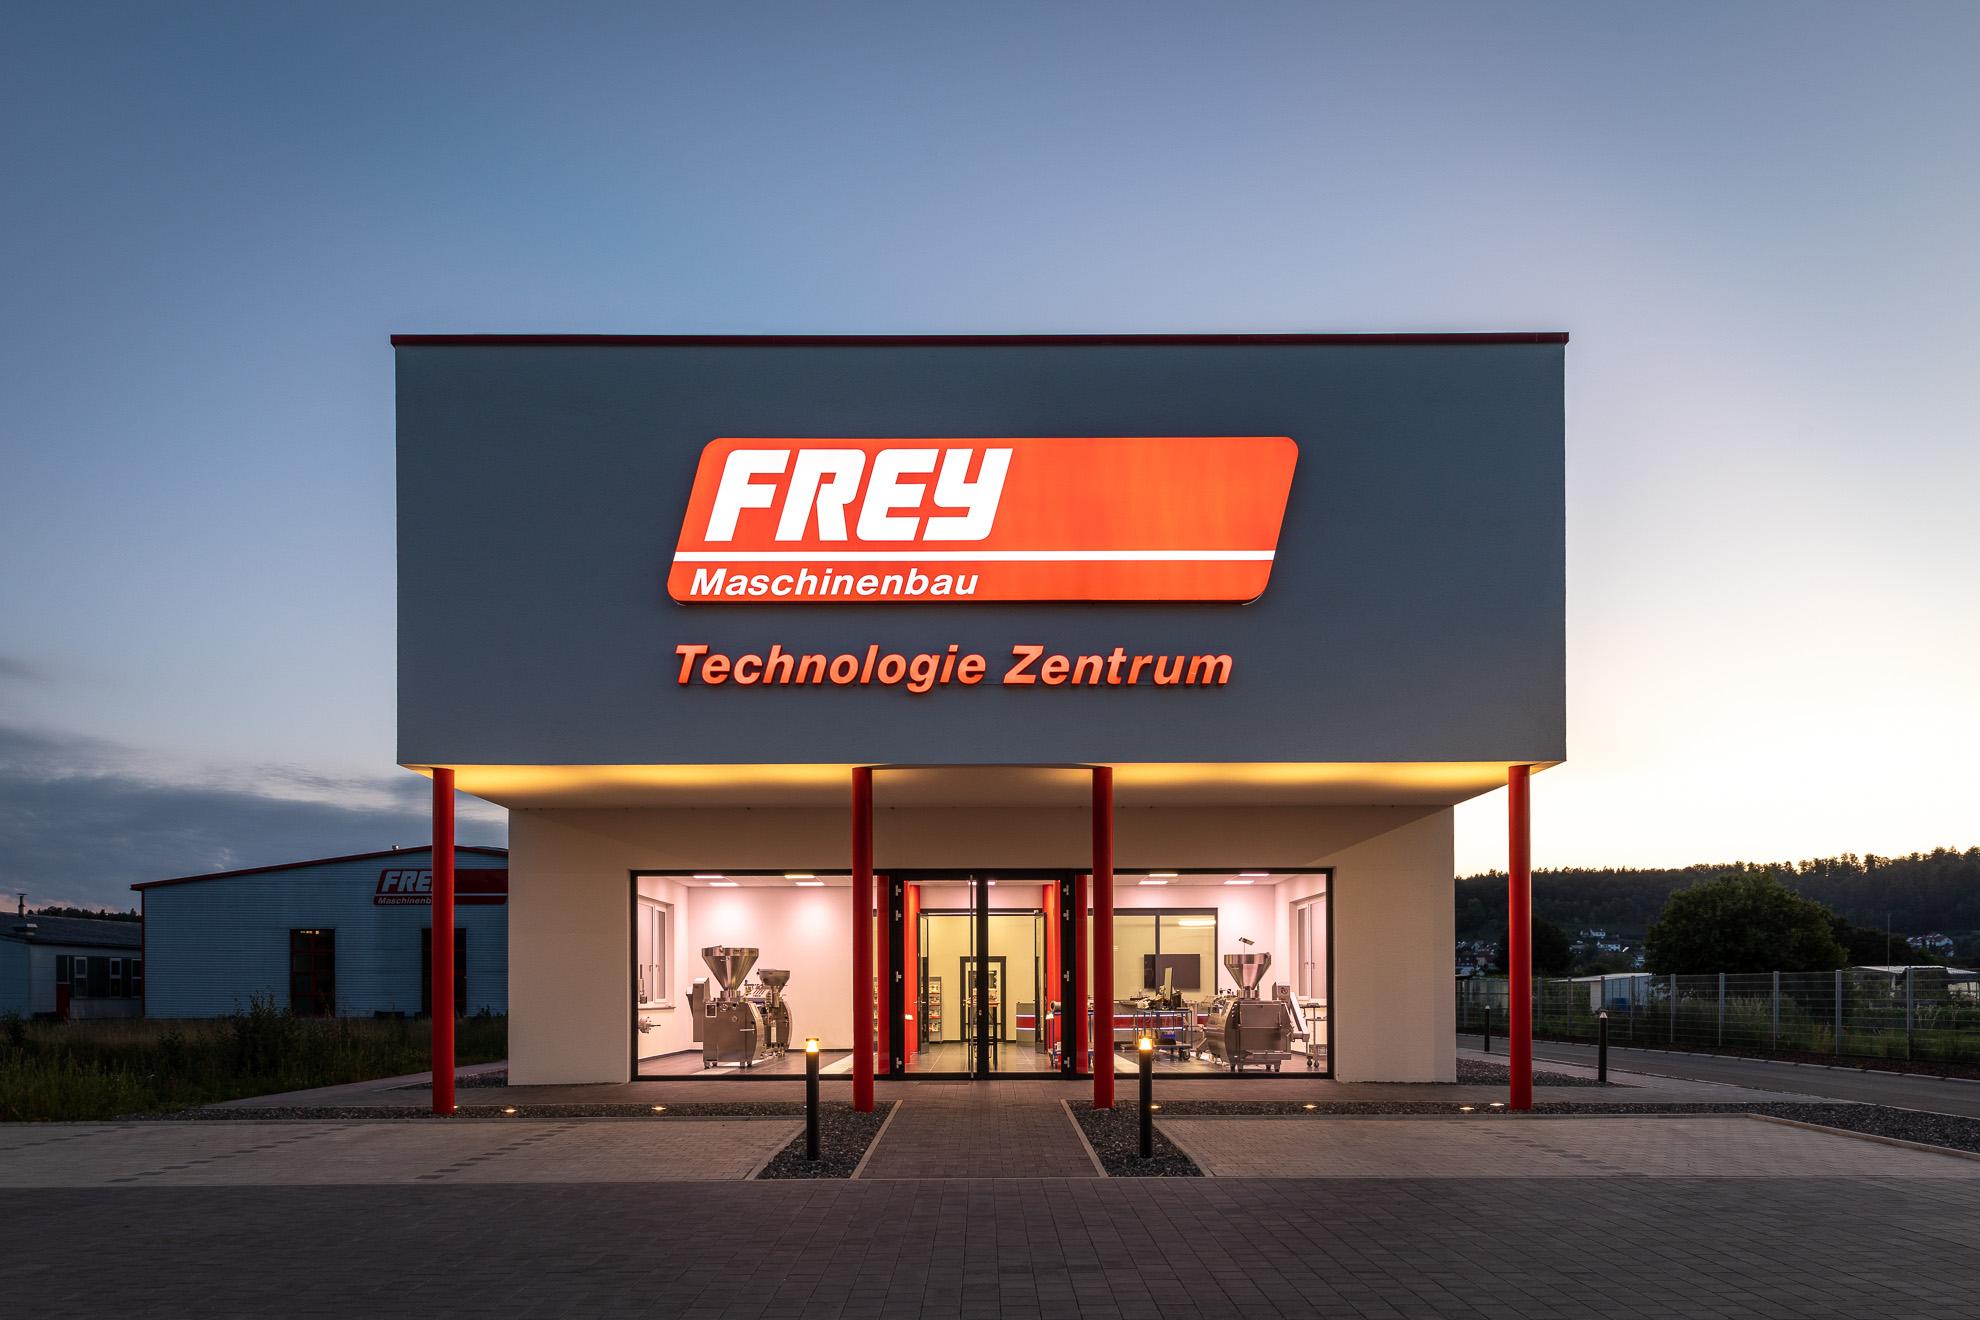 Hebel_Architektur_Frey_02.jpg